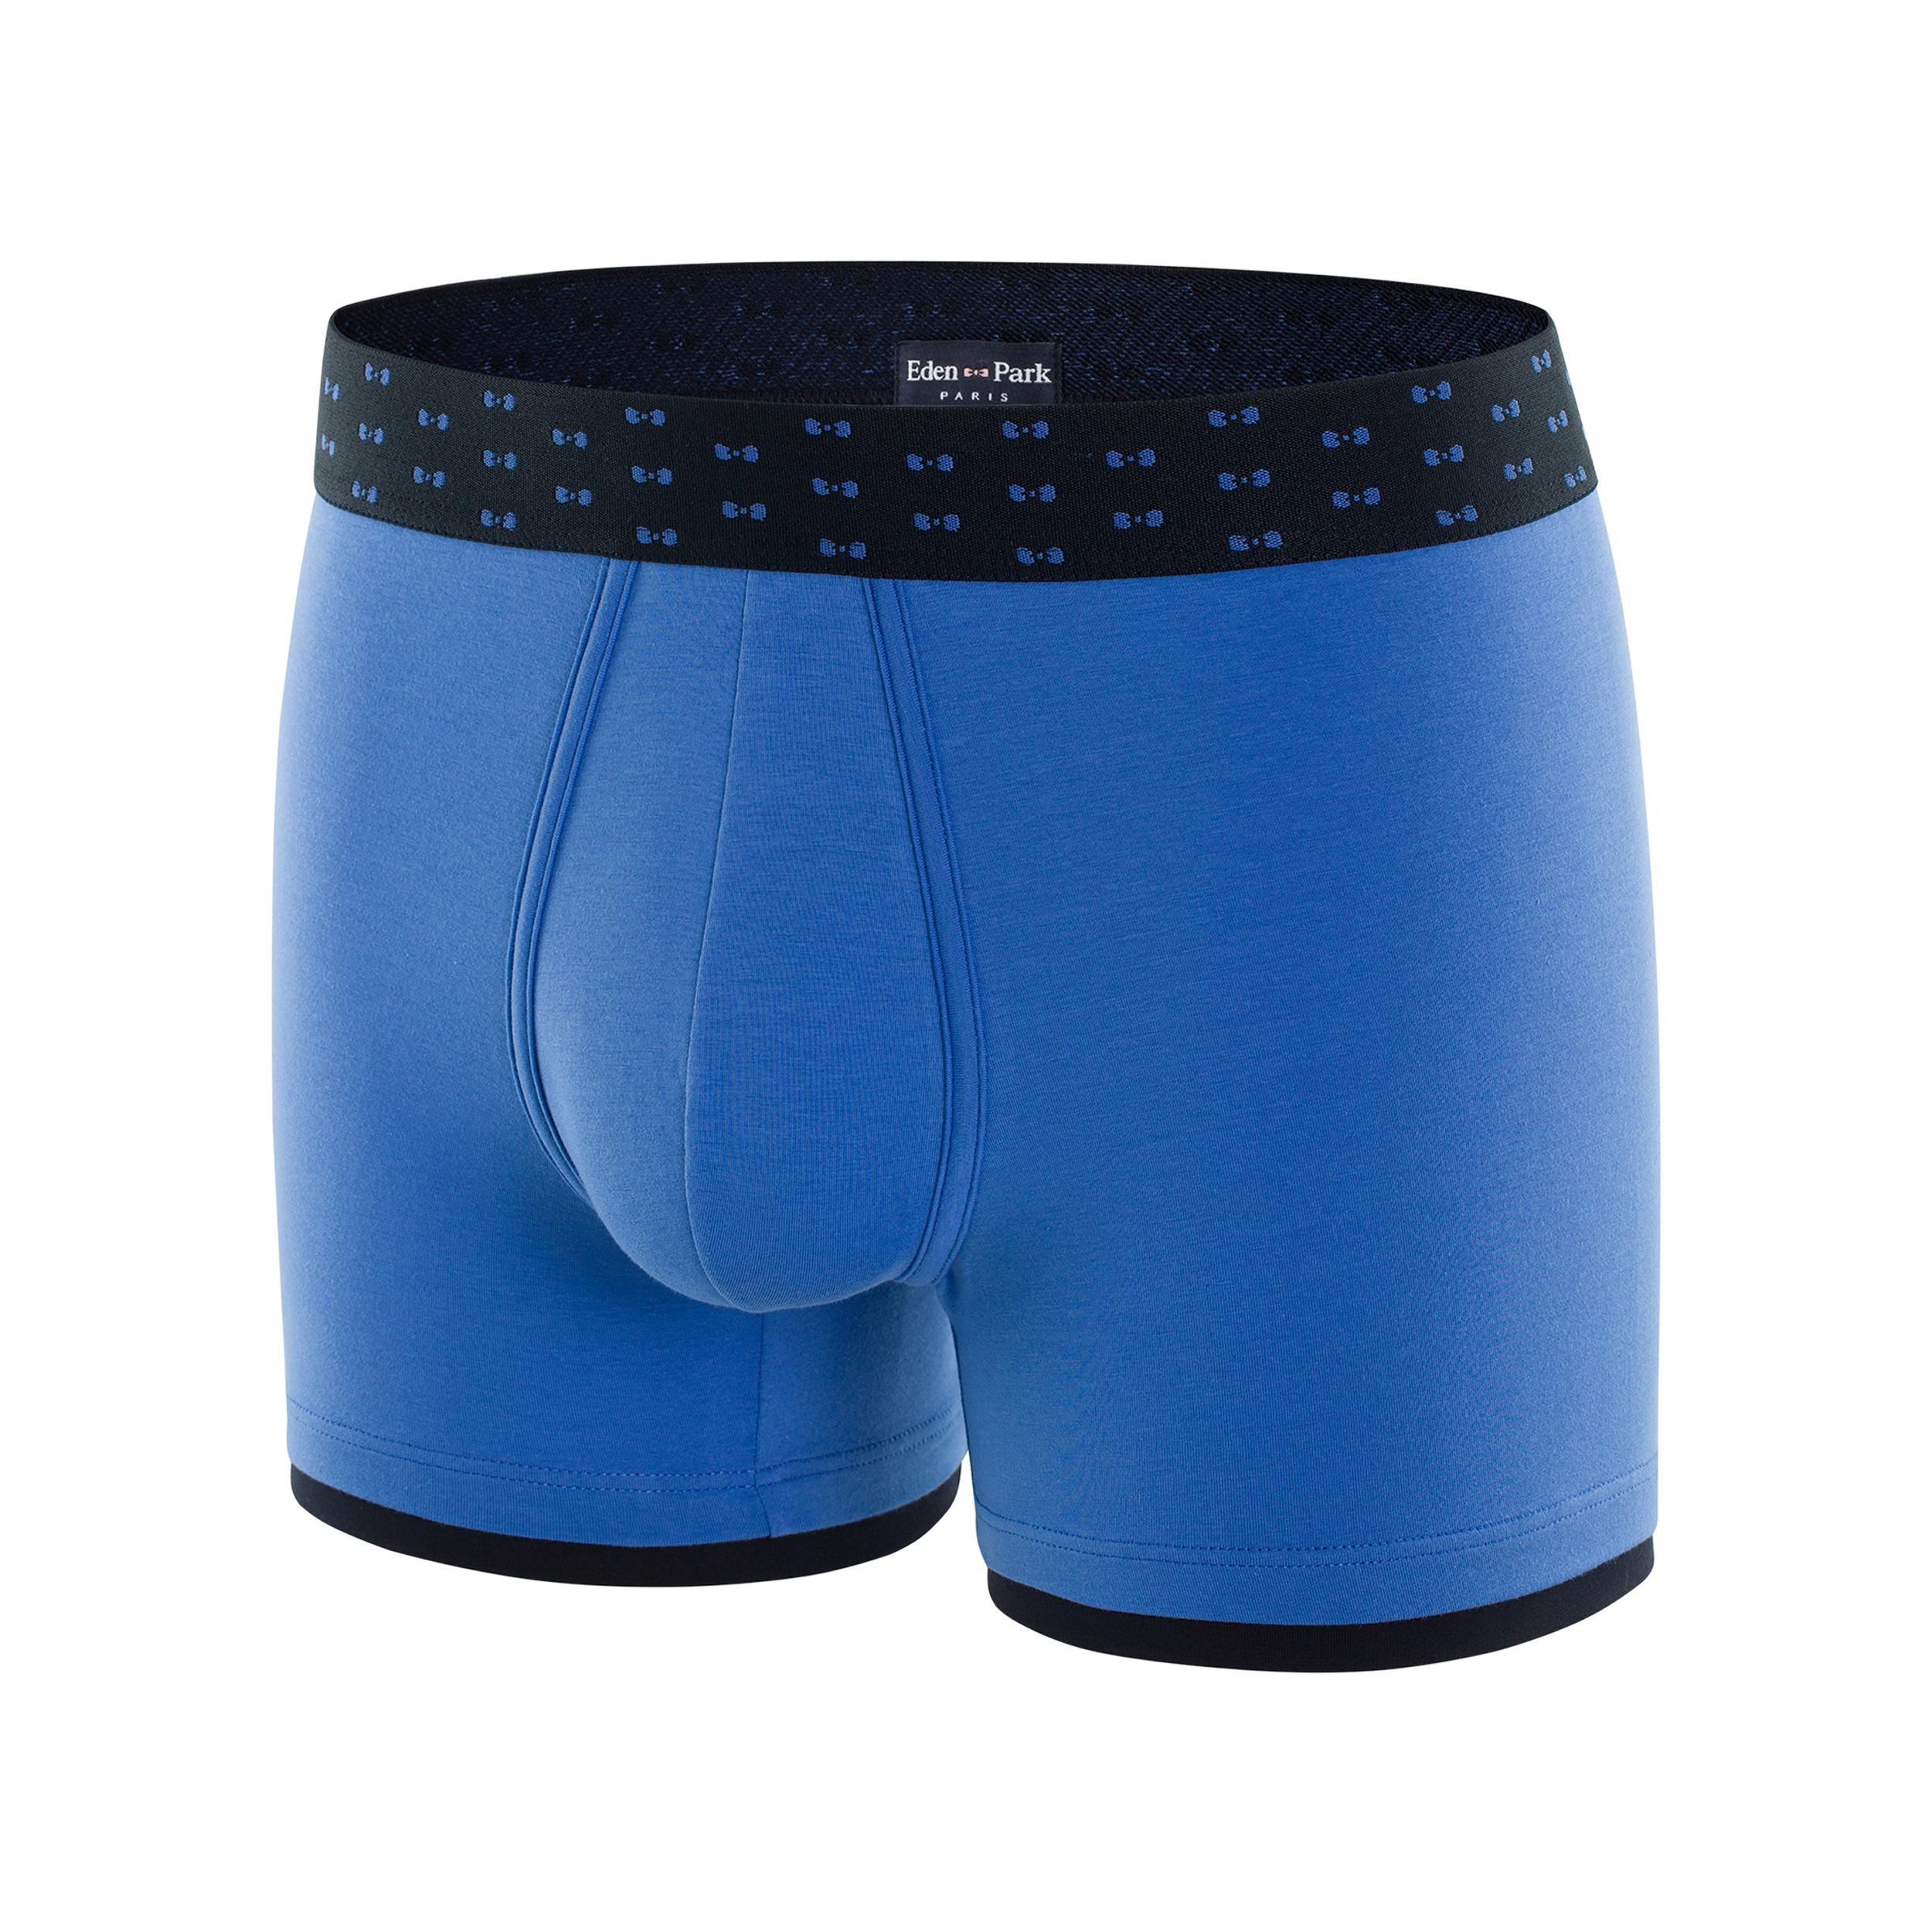 Boxer eden park en coton stretch bleu ciel à liseré bleu marine